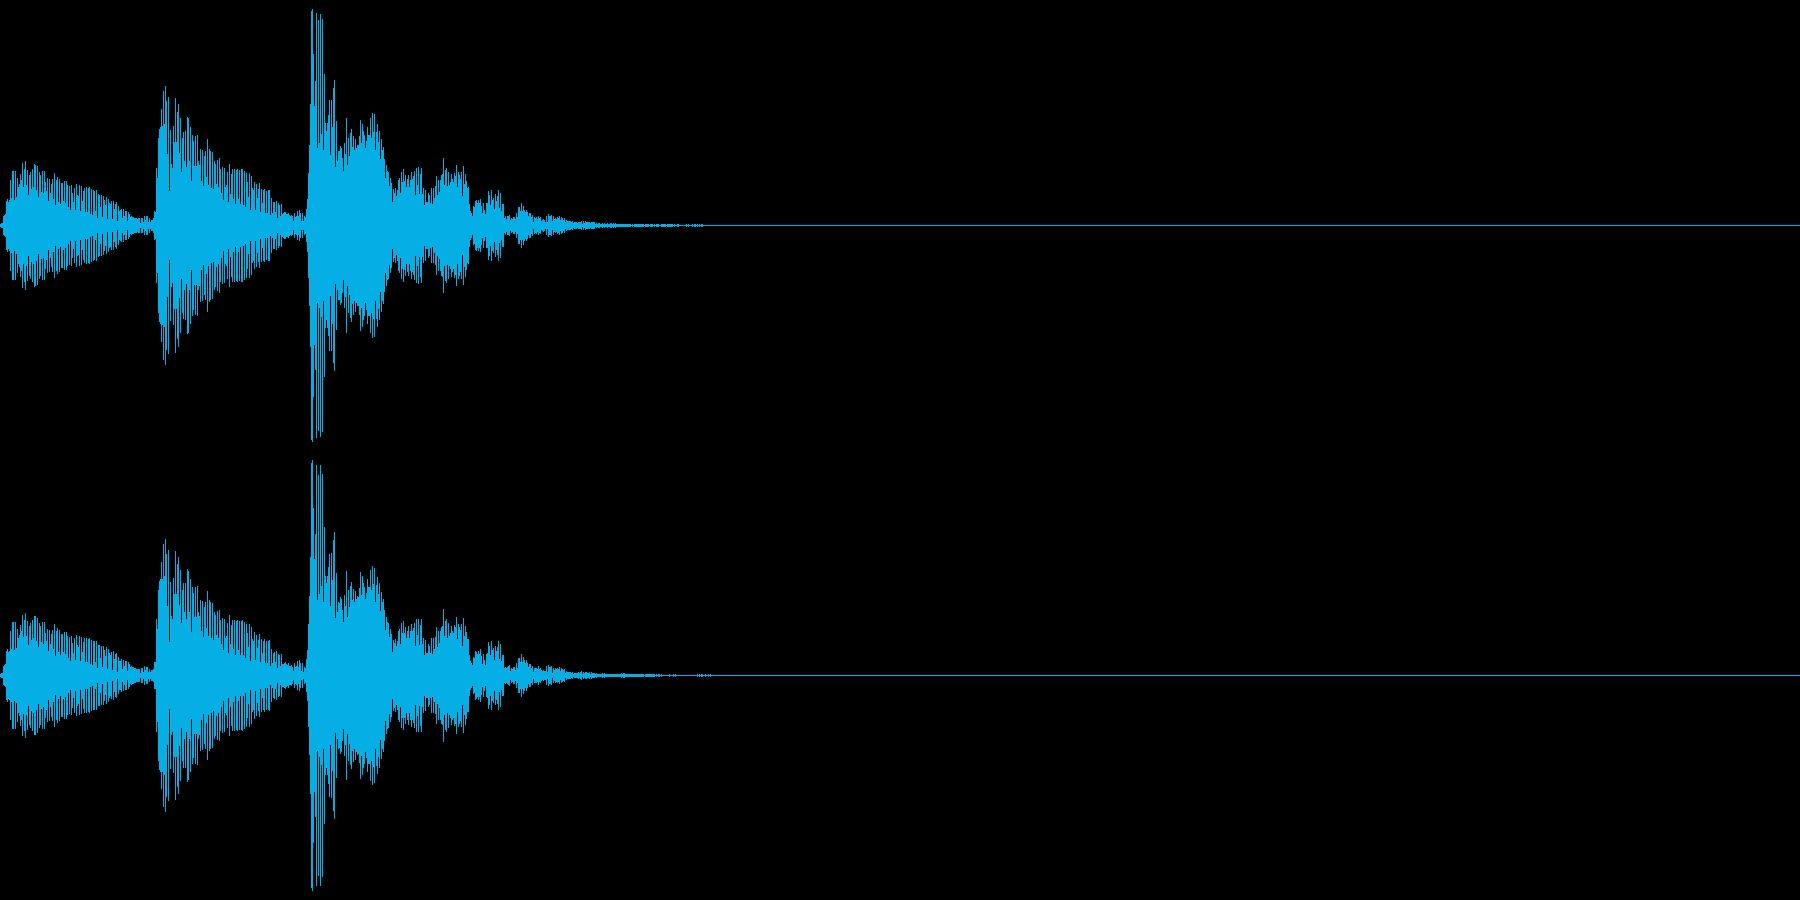 和楽器・鼓(つづみ)の3連打ポポポン1の再生済みの波形